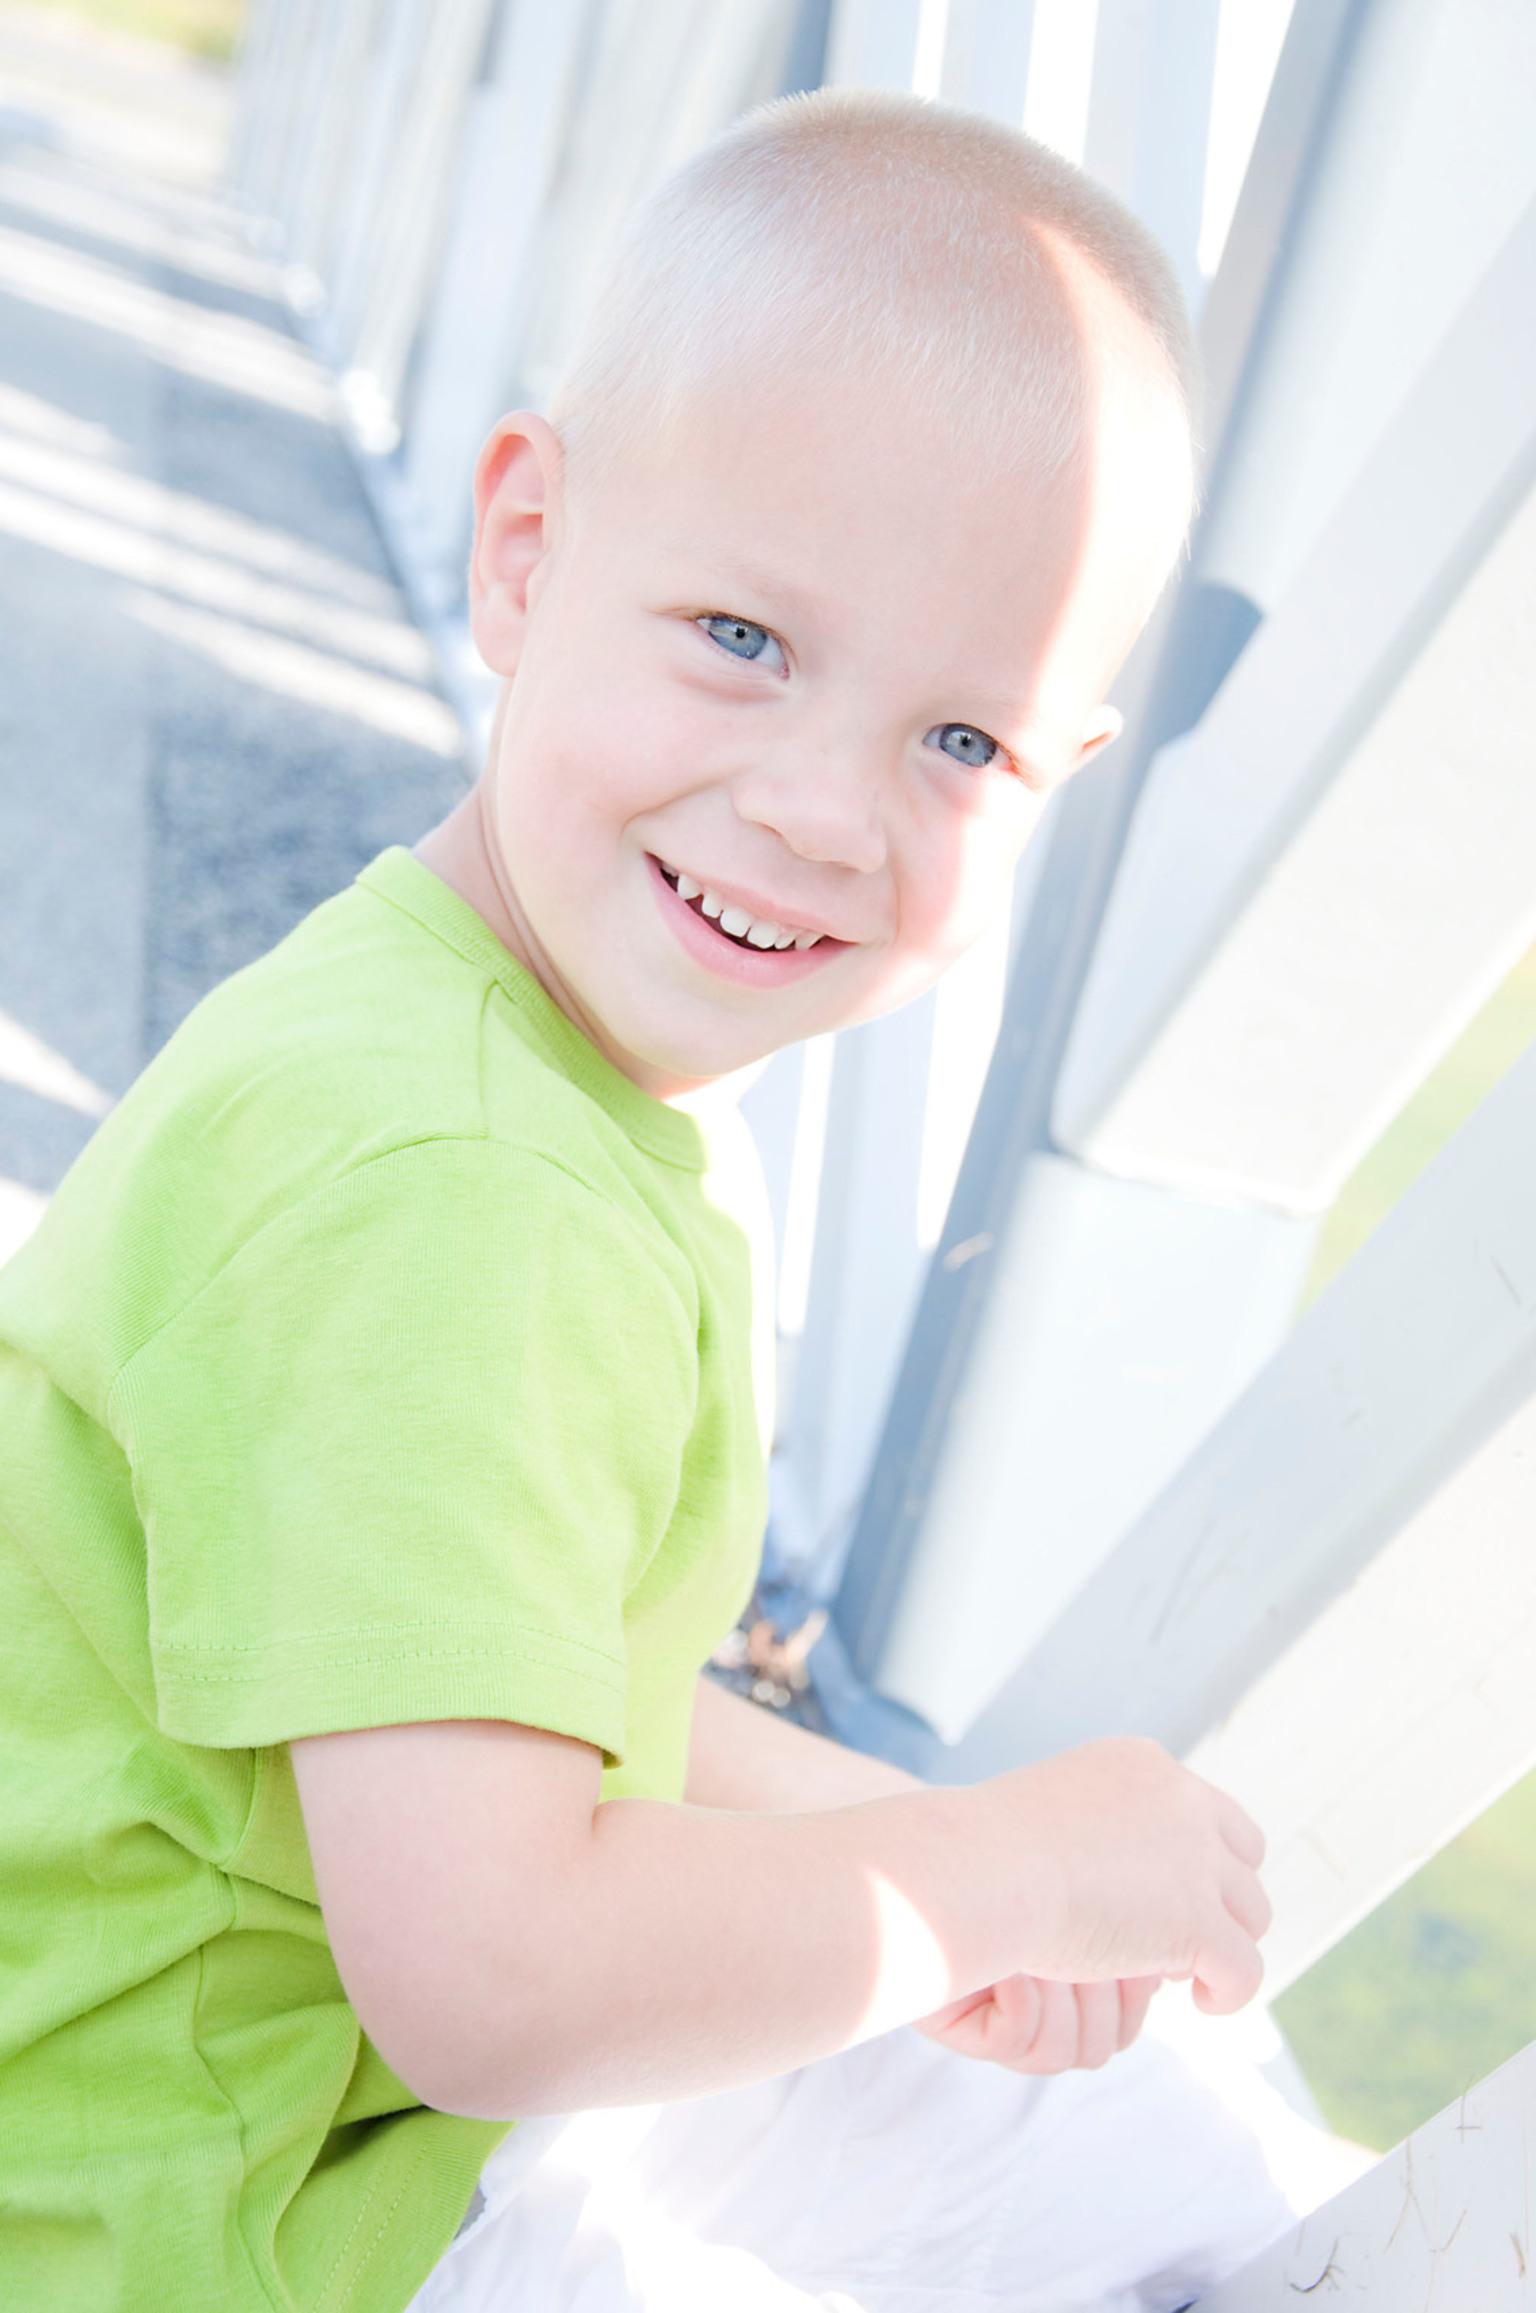 Danny - zomerse portretfoto's van een vrolijk mannetje - foto door senkie op 31-12-2011 - deze foto bevat: groen, zon, natuur, portret, zomer, kind, jongen, blond, natuurlijk licht